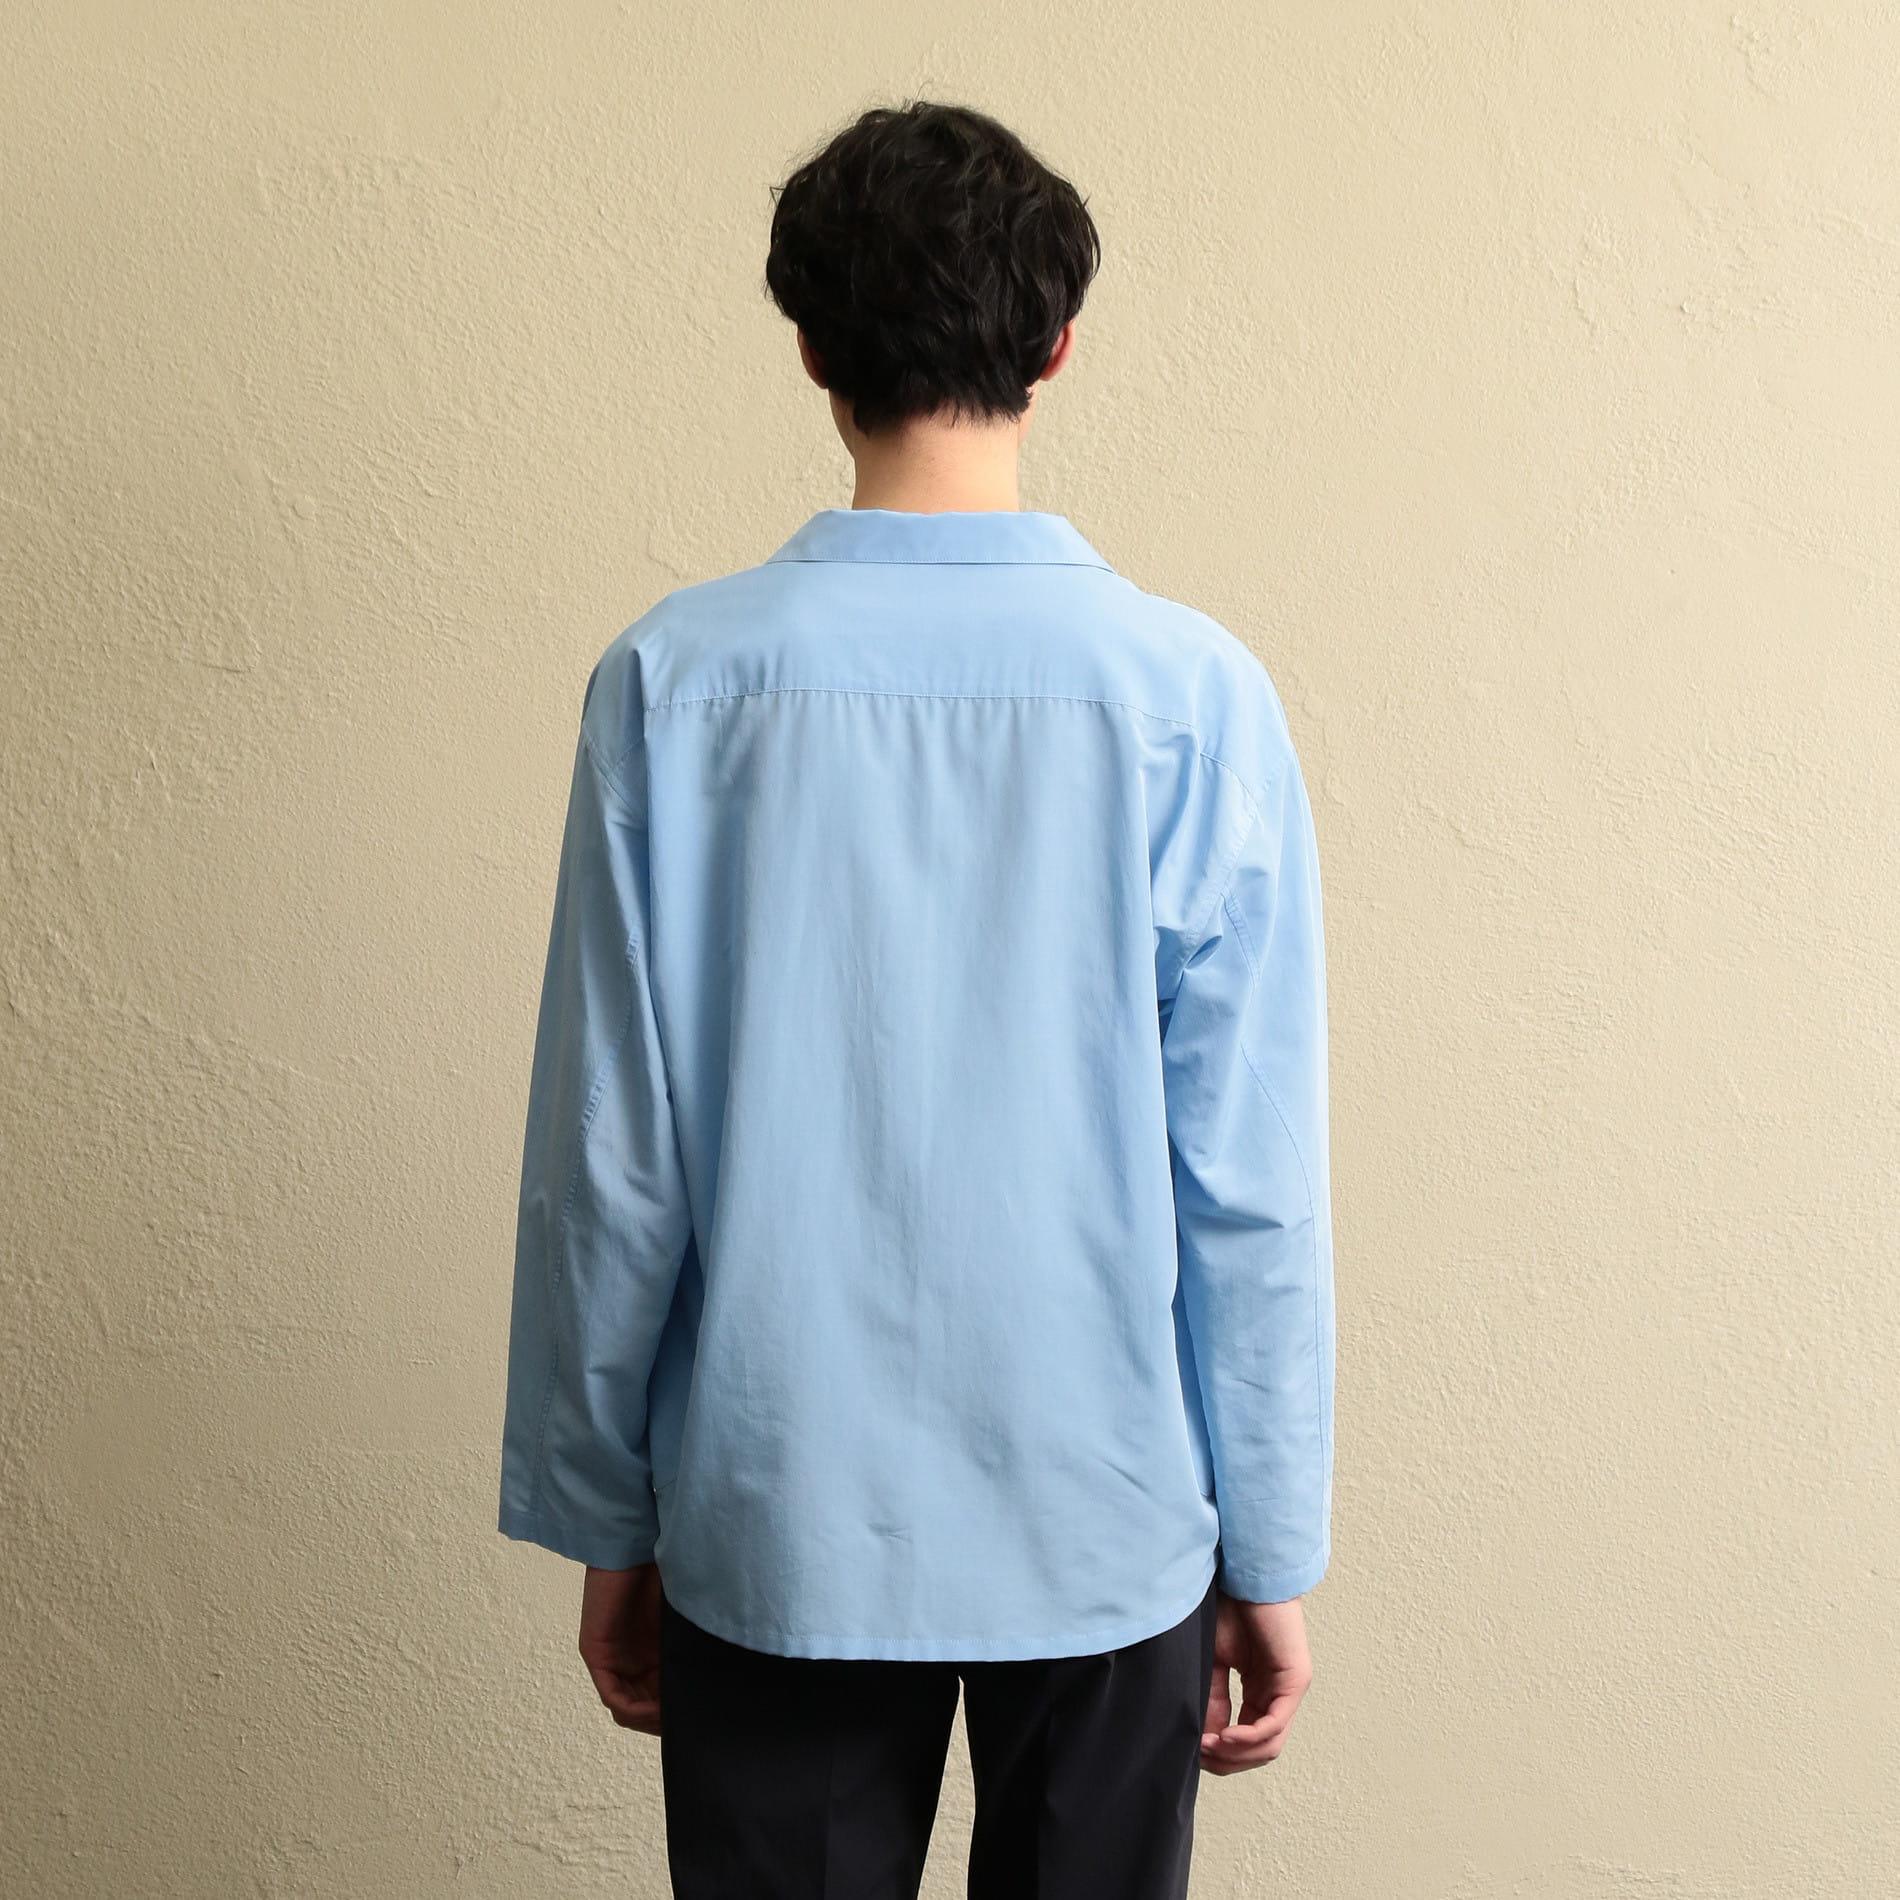 【LF】MEN オープンカラーシャツアウター